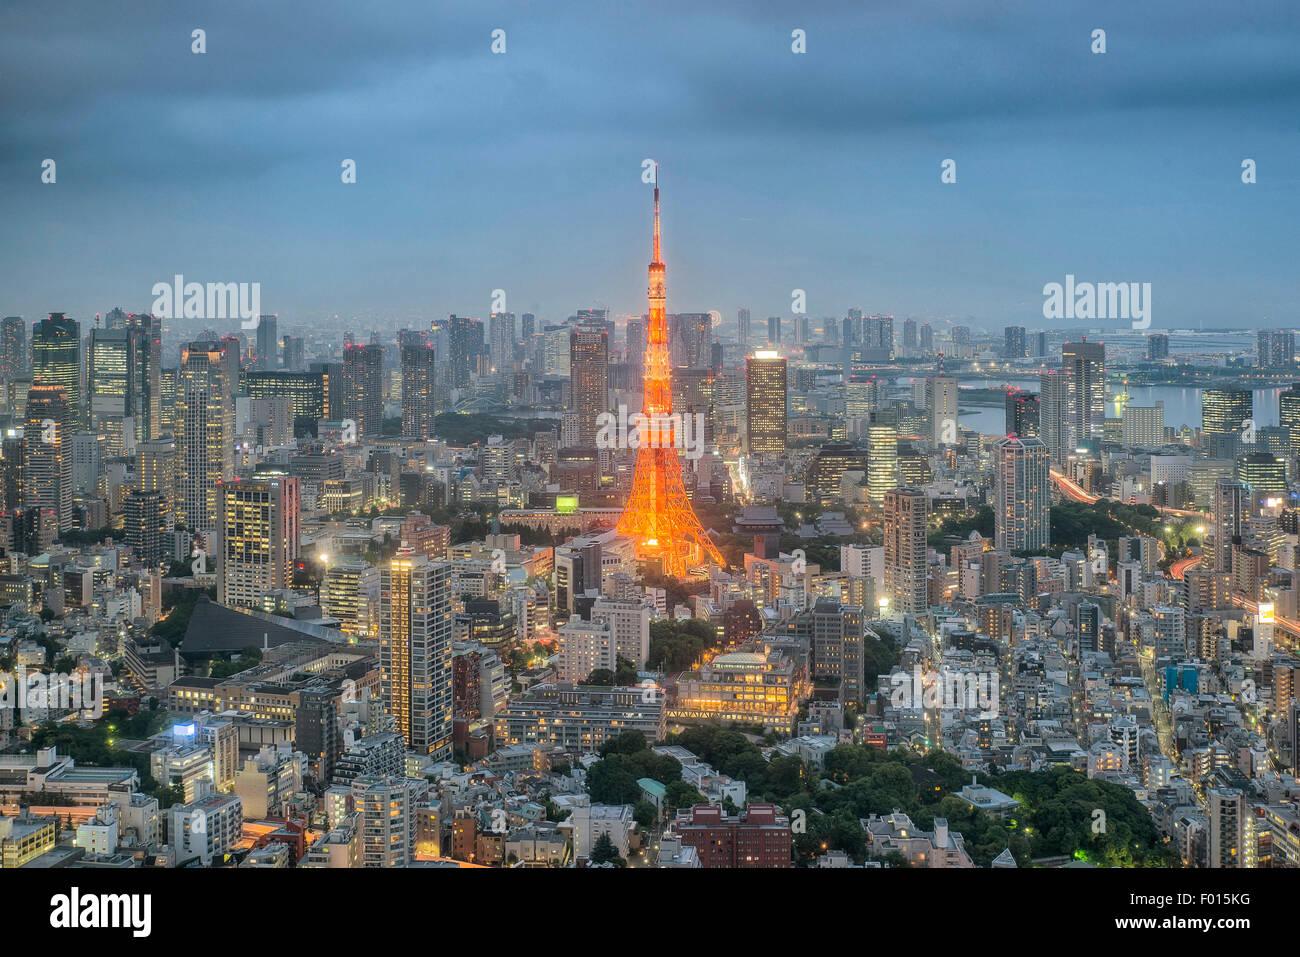 La torre di Tokyo di notte nella città di Tokyo, Giappone Immagini Stock